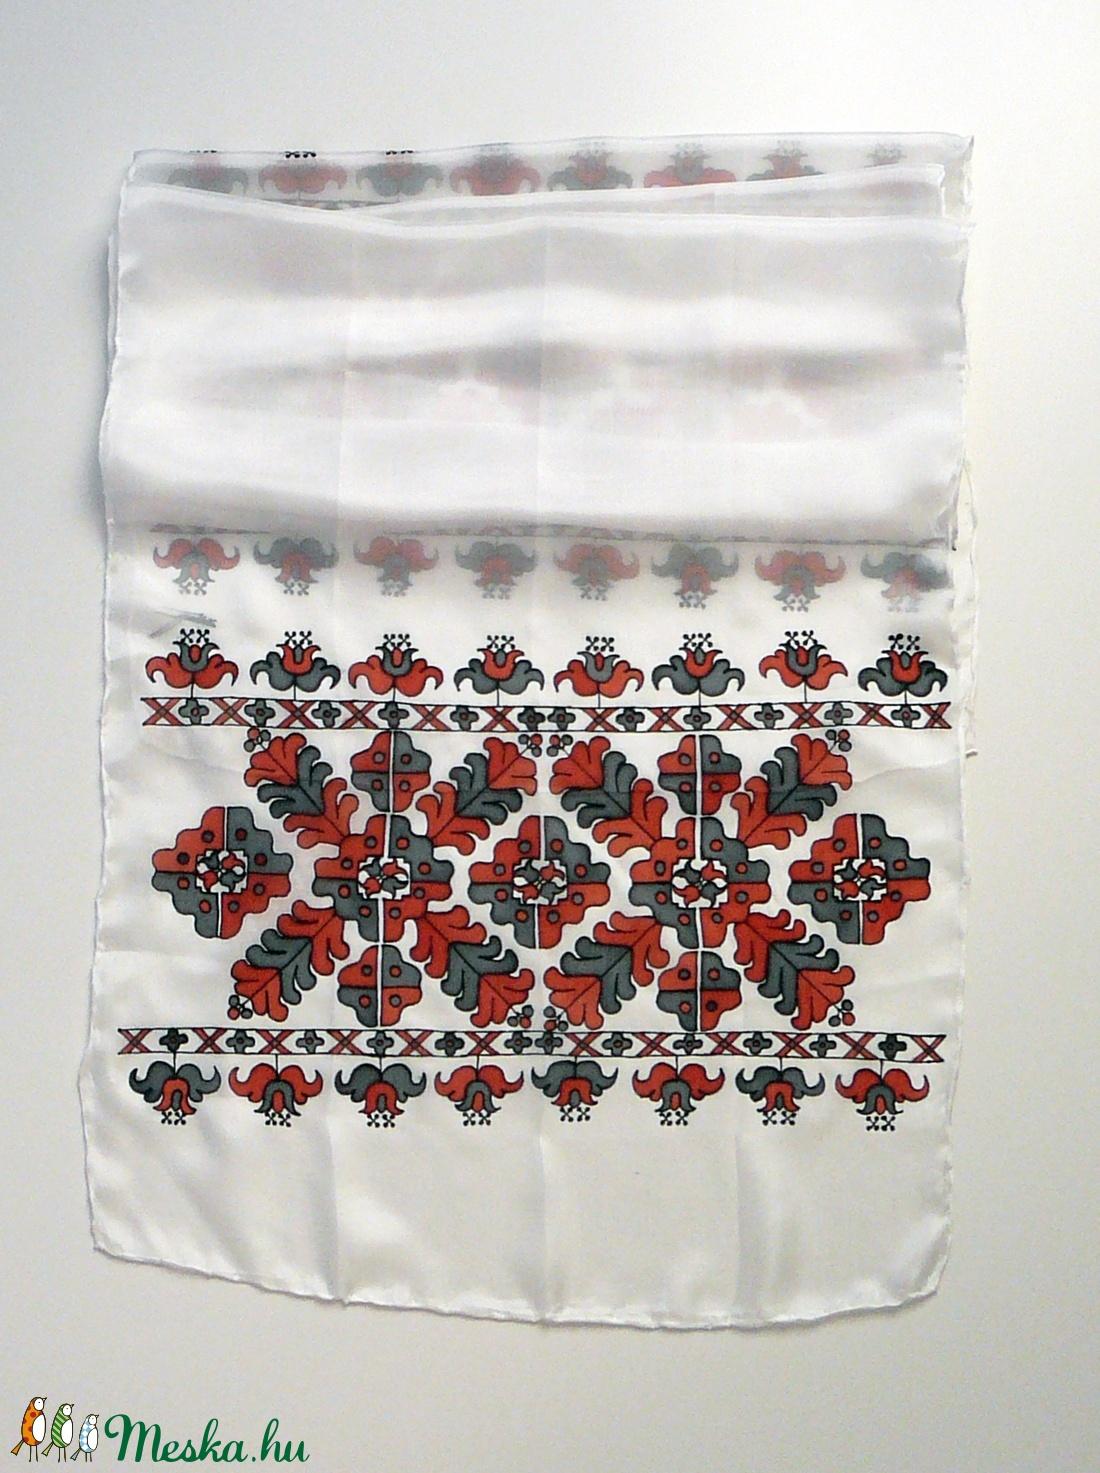 Kézzel festett SELYEMSÁL, magyar népi hímzett minta, székely, piros, fekete, fehér_54 - ruha & divat - sál, sapka, kendő - kendő - Meska.hu